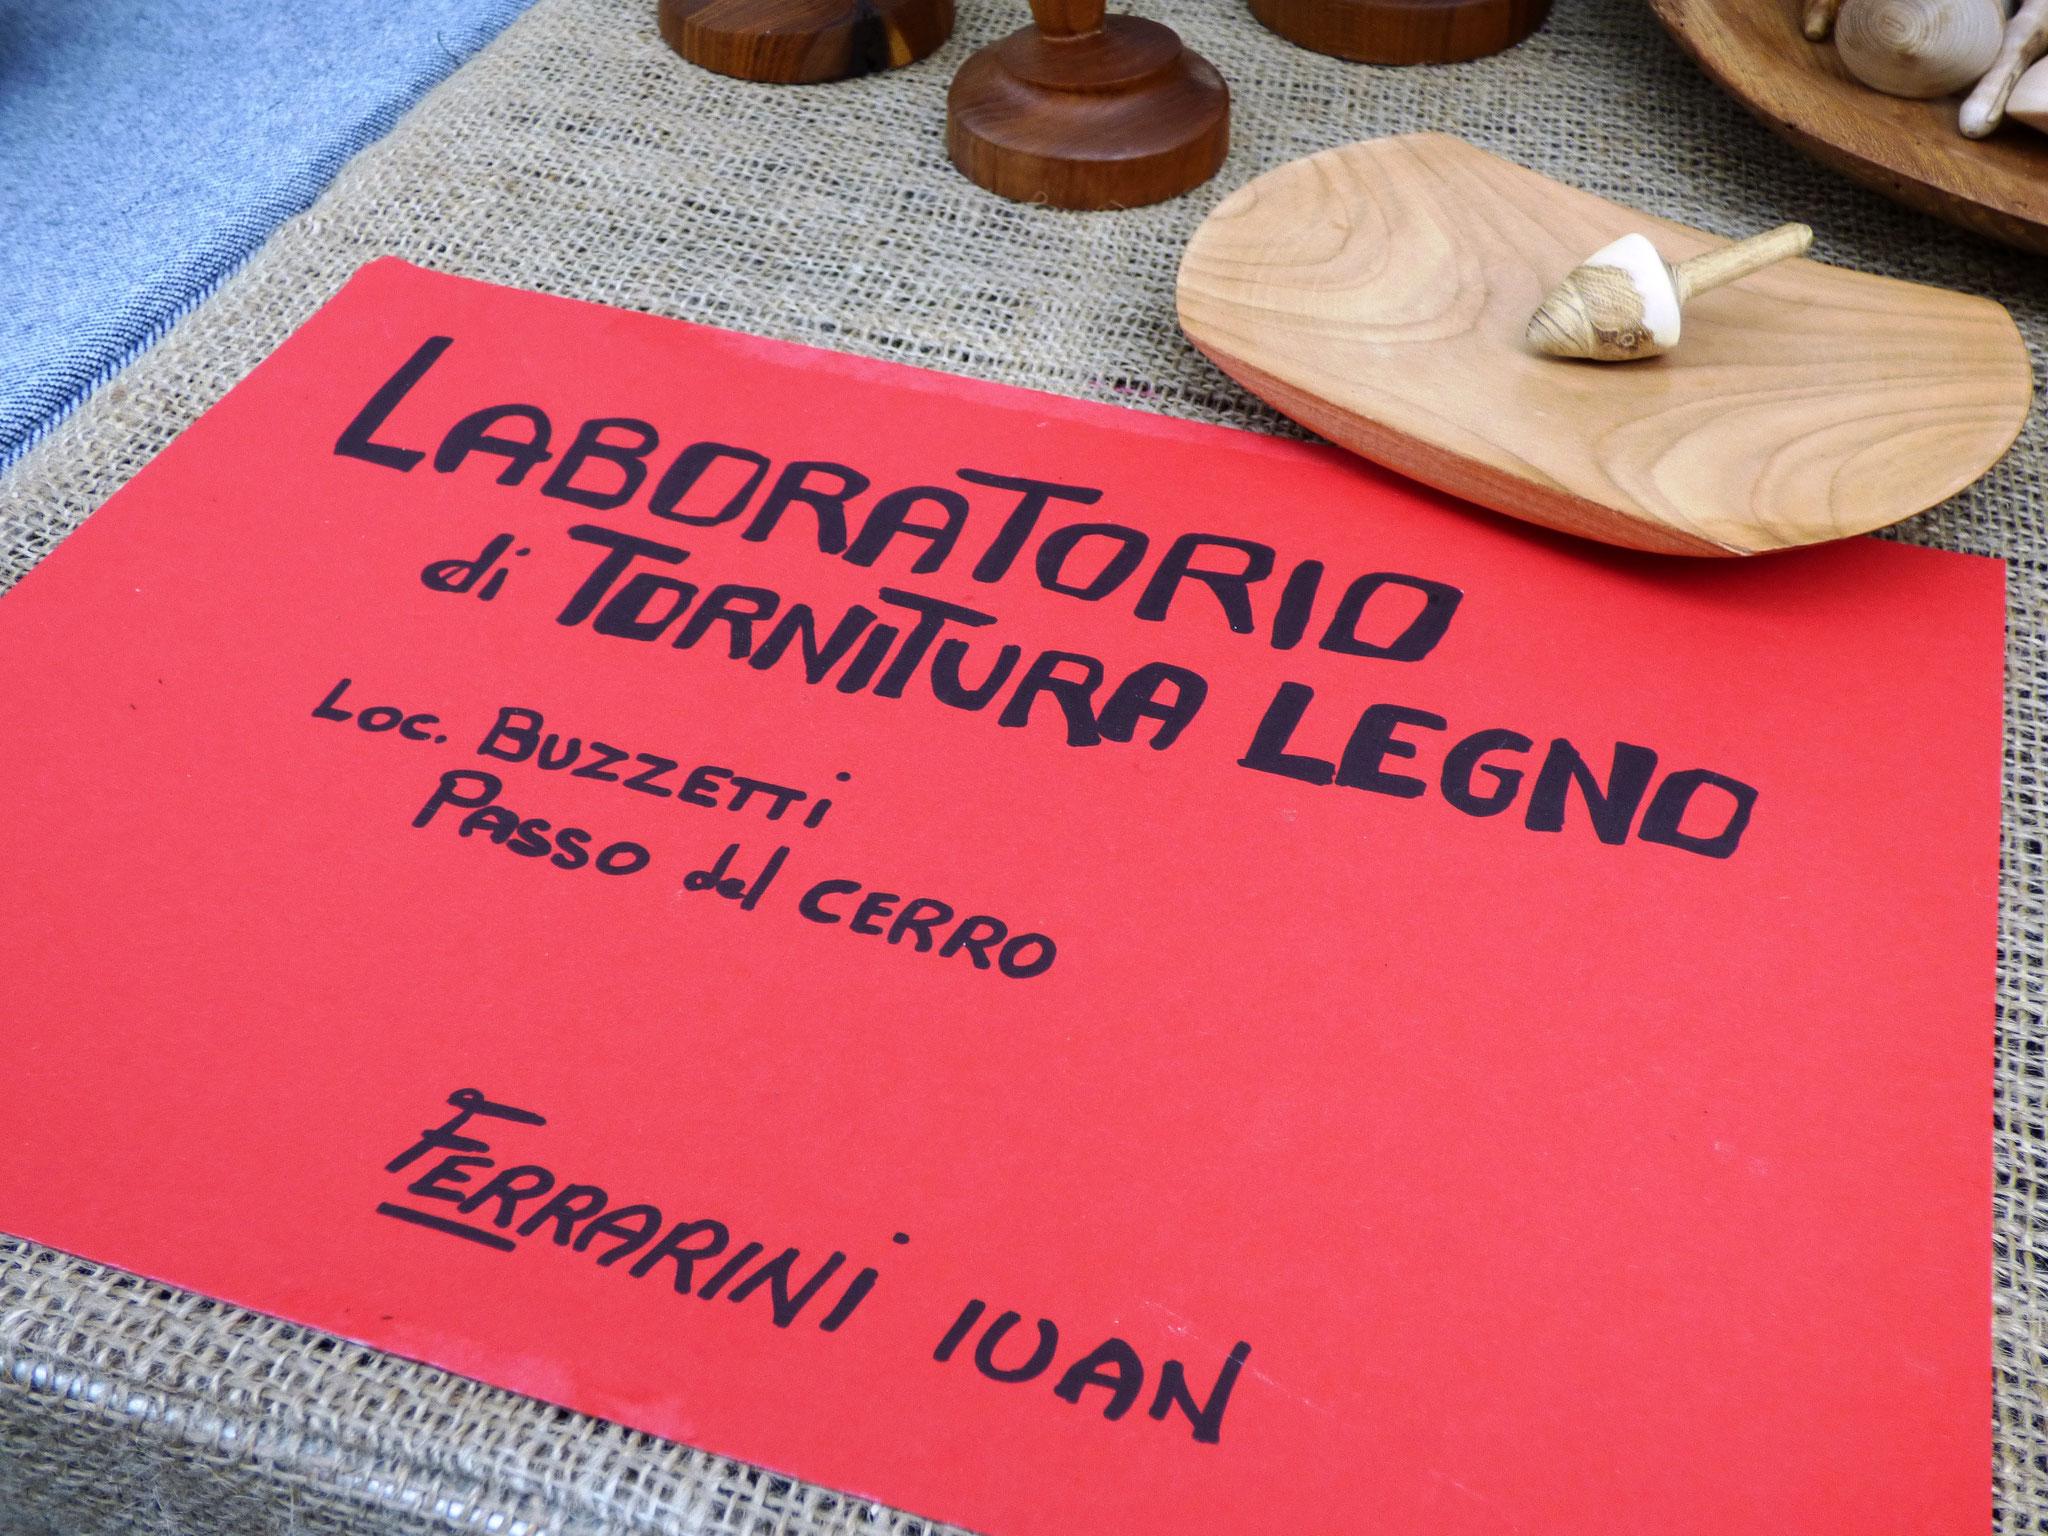 Ferrarini Ivan  Laboratorio di tornitura legno  Passo del Cerro - Loc. Buzzetti